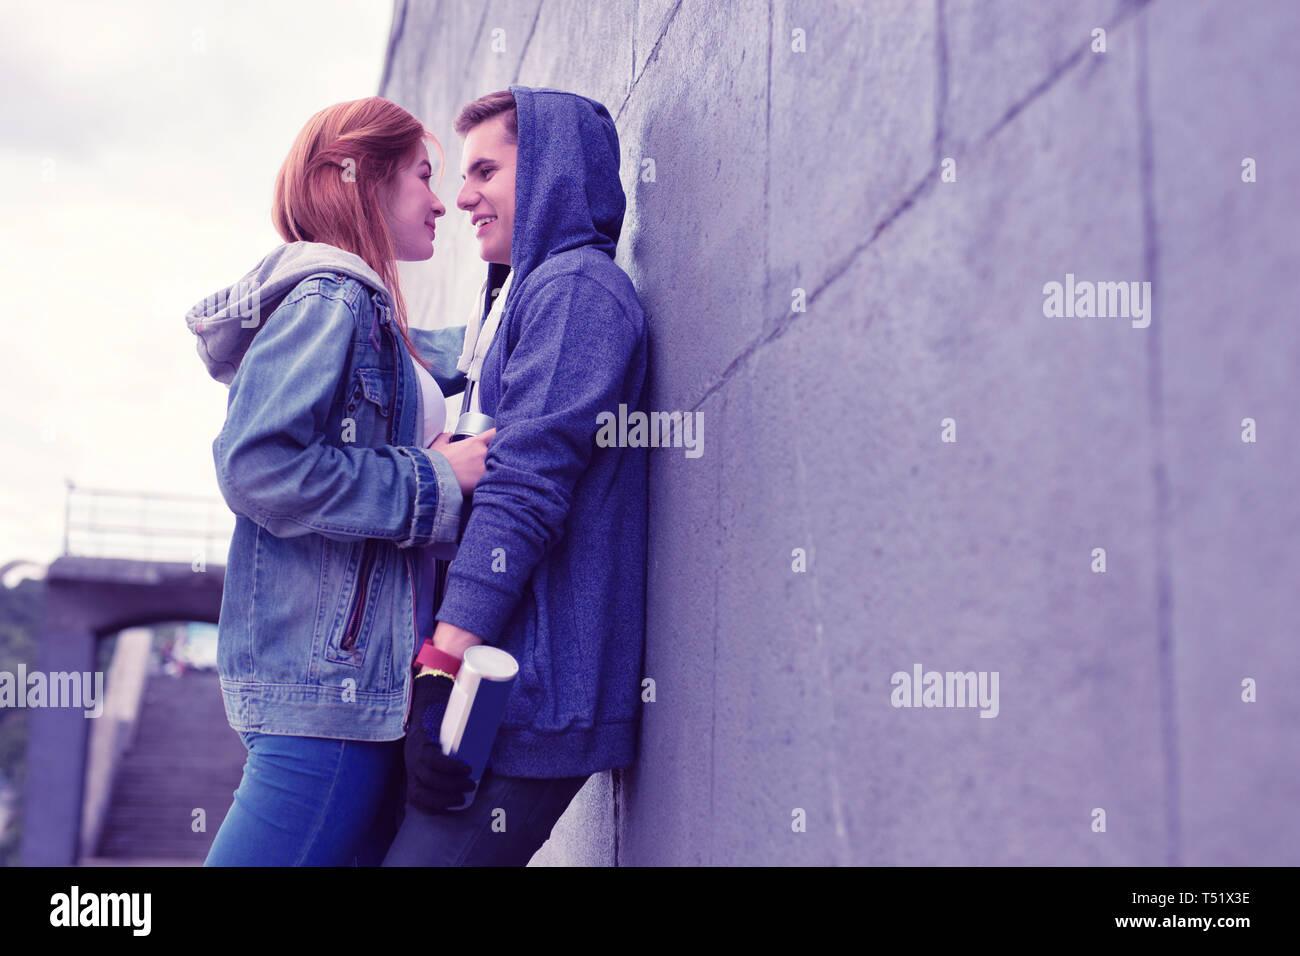 Leidenschaftliche junge Paar schöne Momente während lehnte sich an der Wand Stockbild